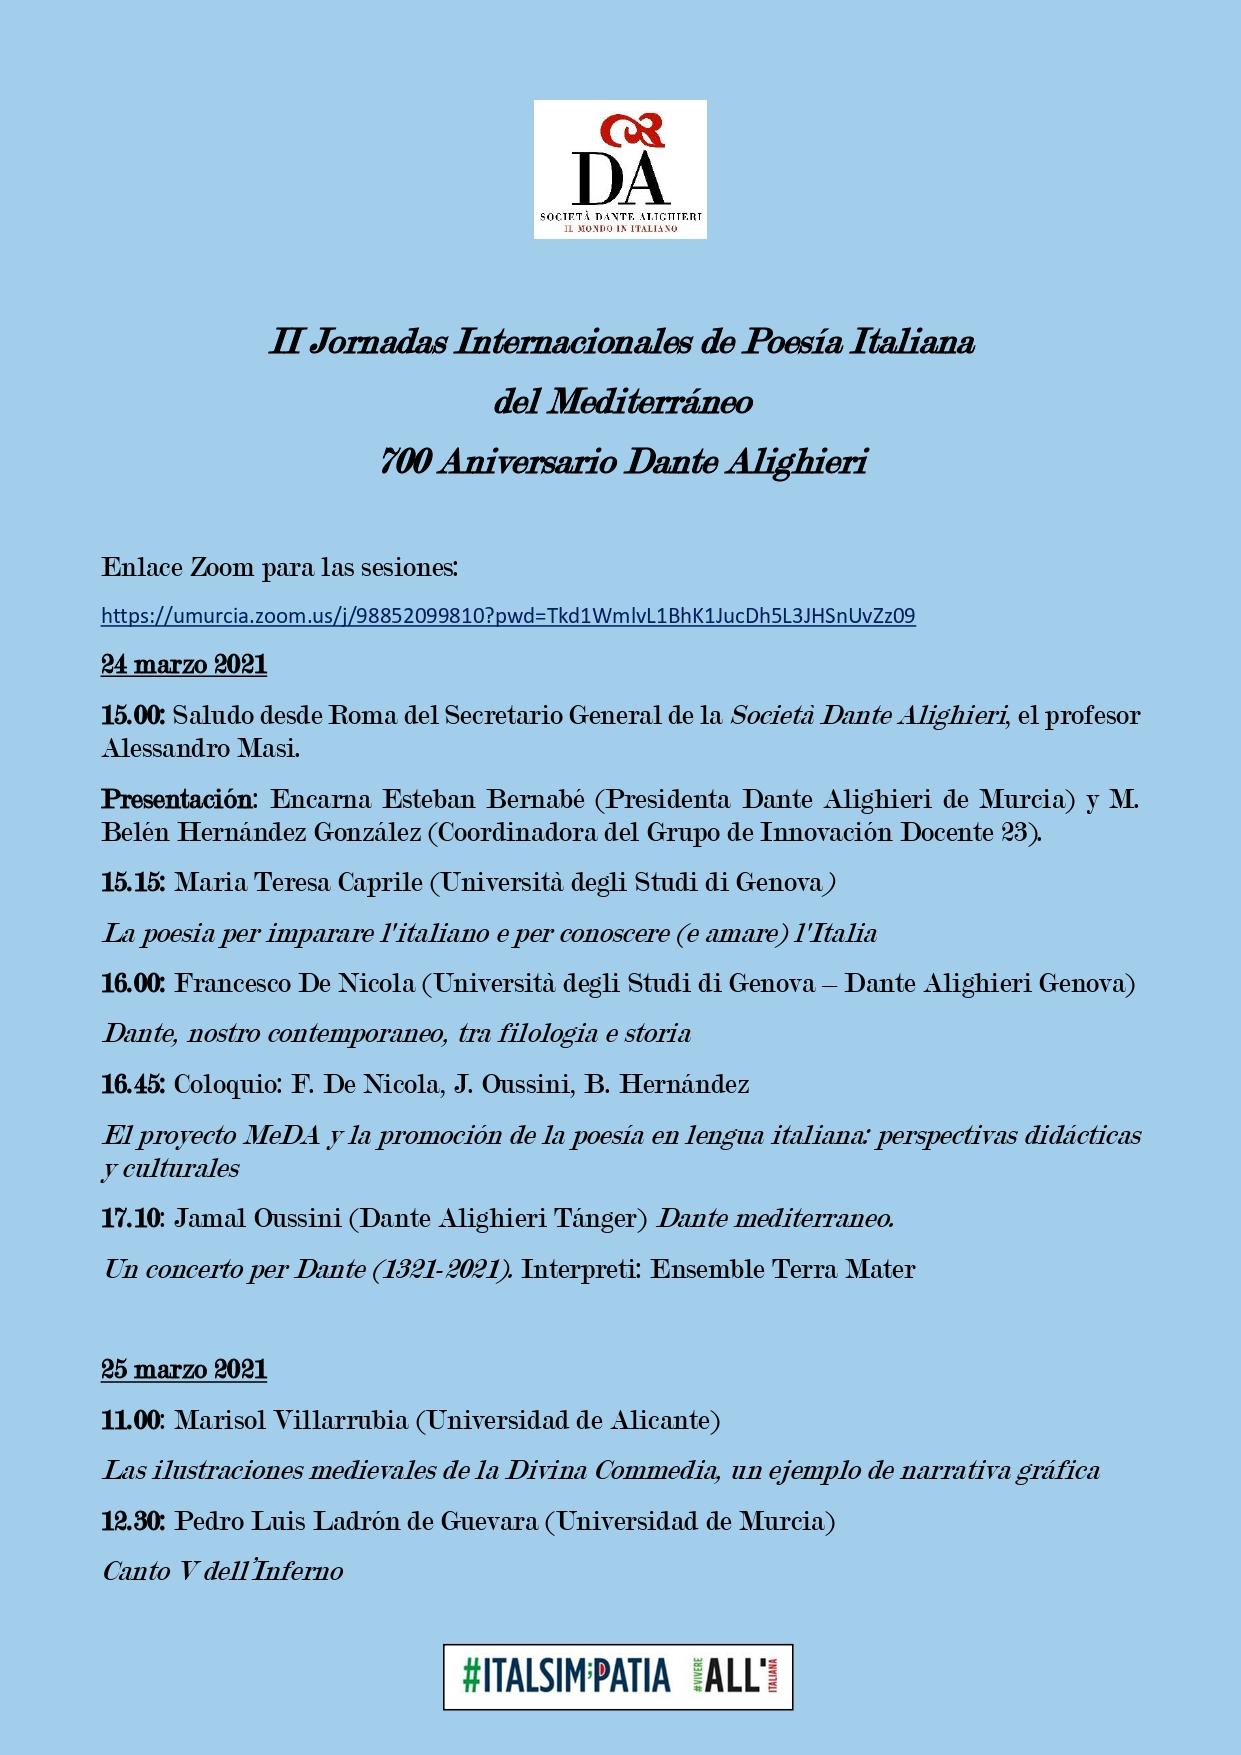 Programa y cartel jornadas poesía 2021_page-0002